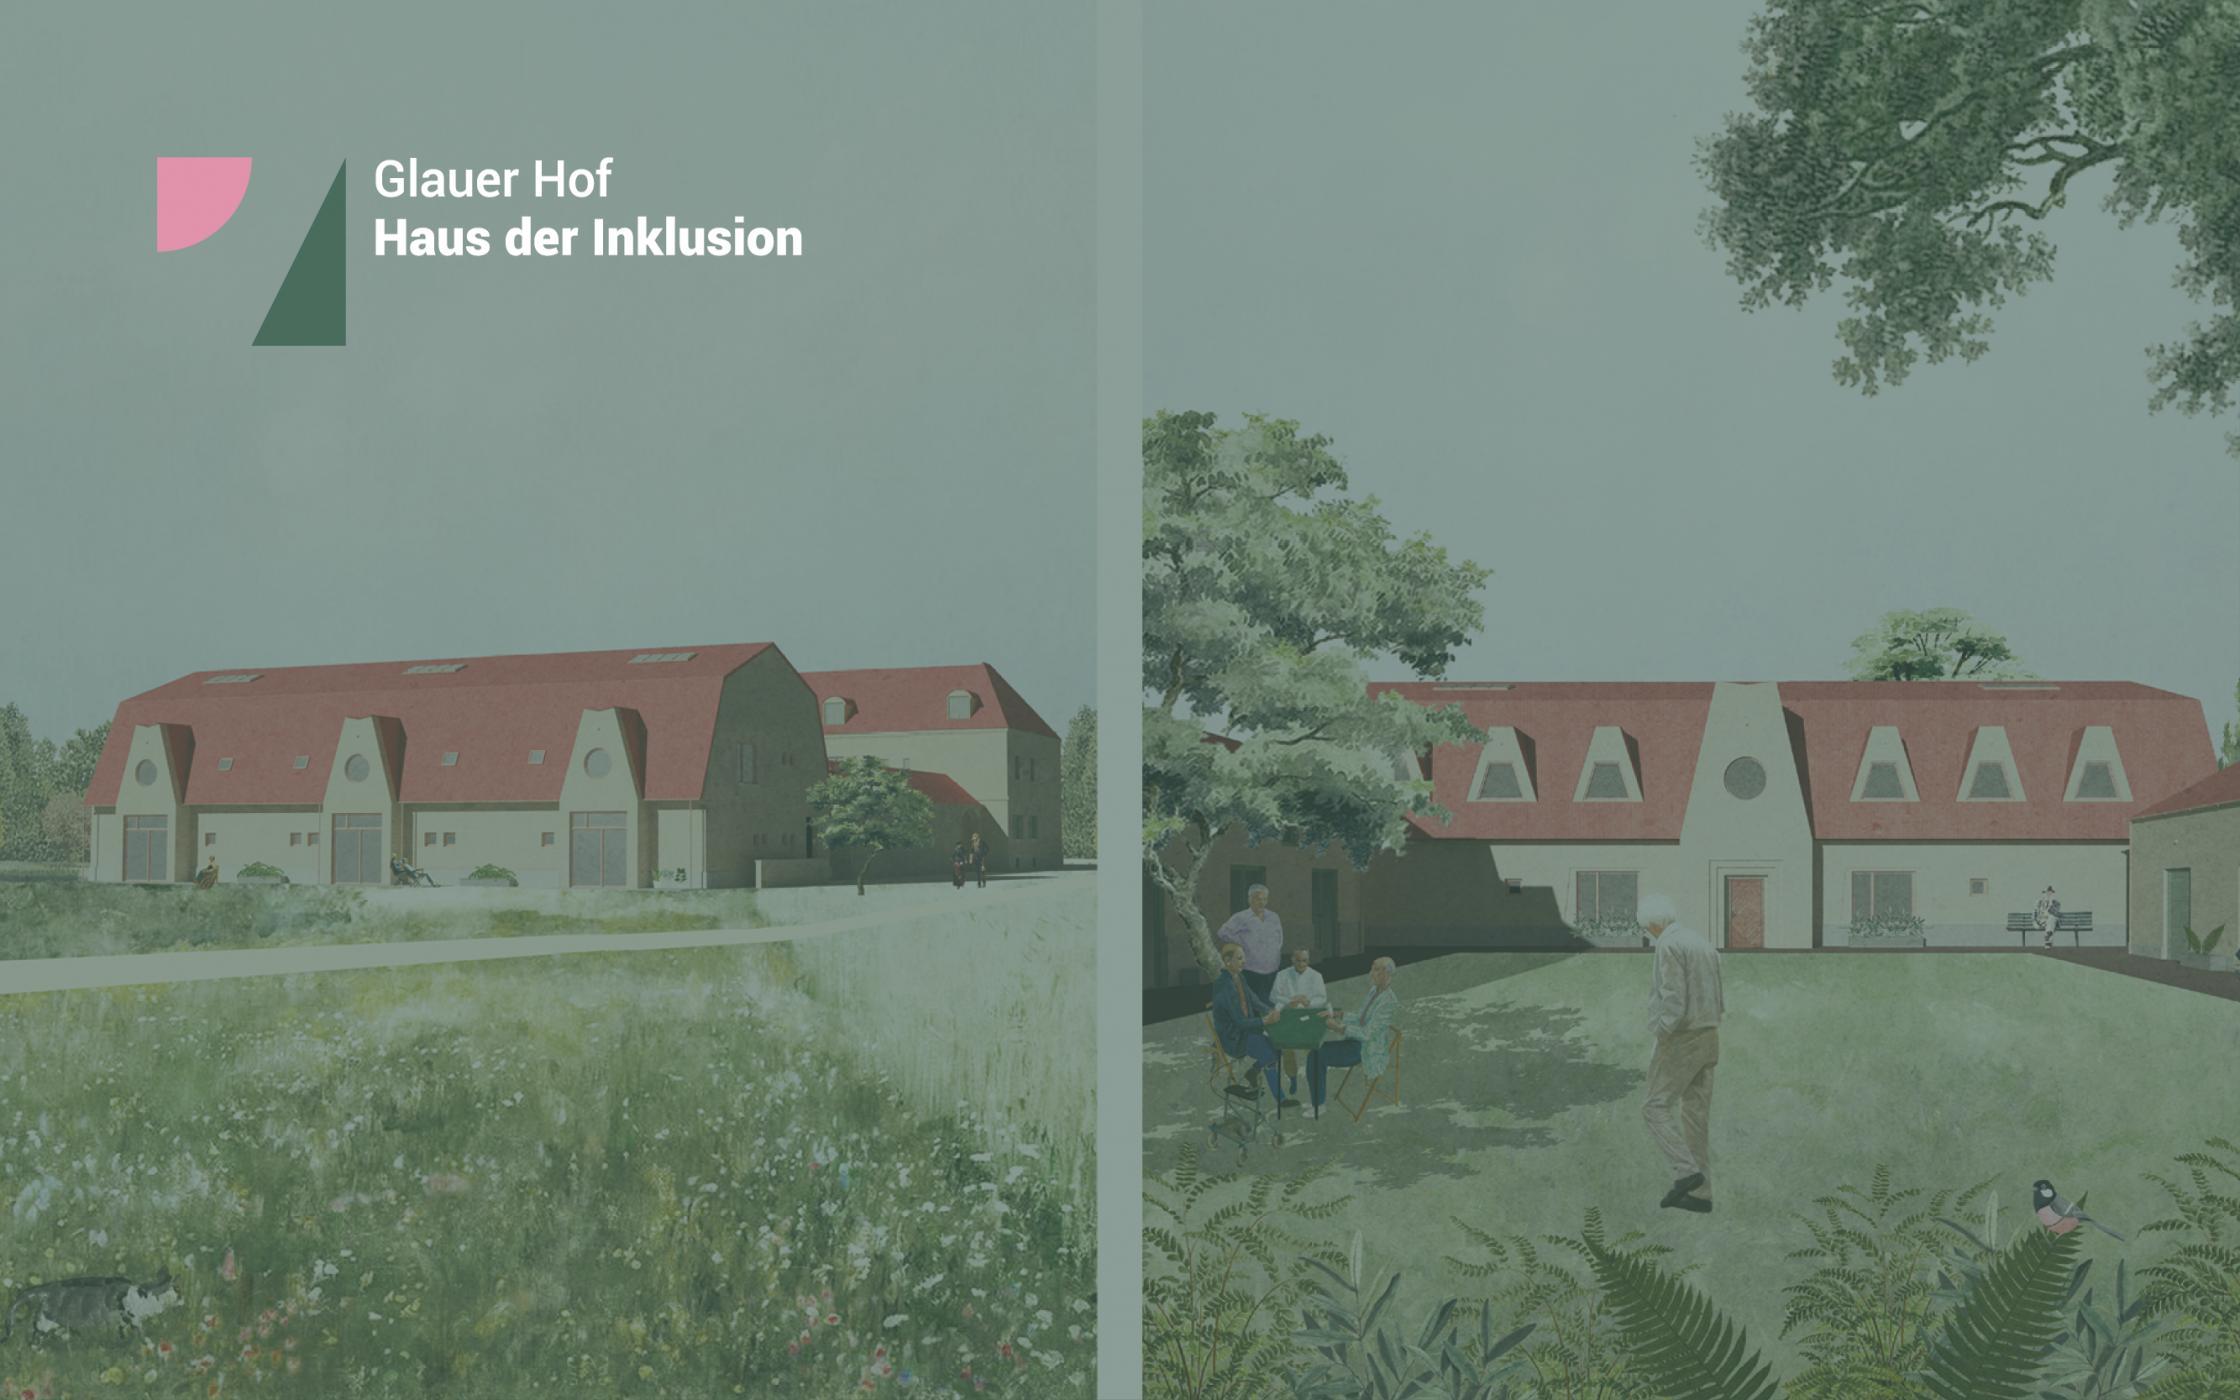 Entwurfsbilder Glauer Hof